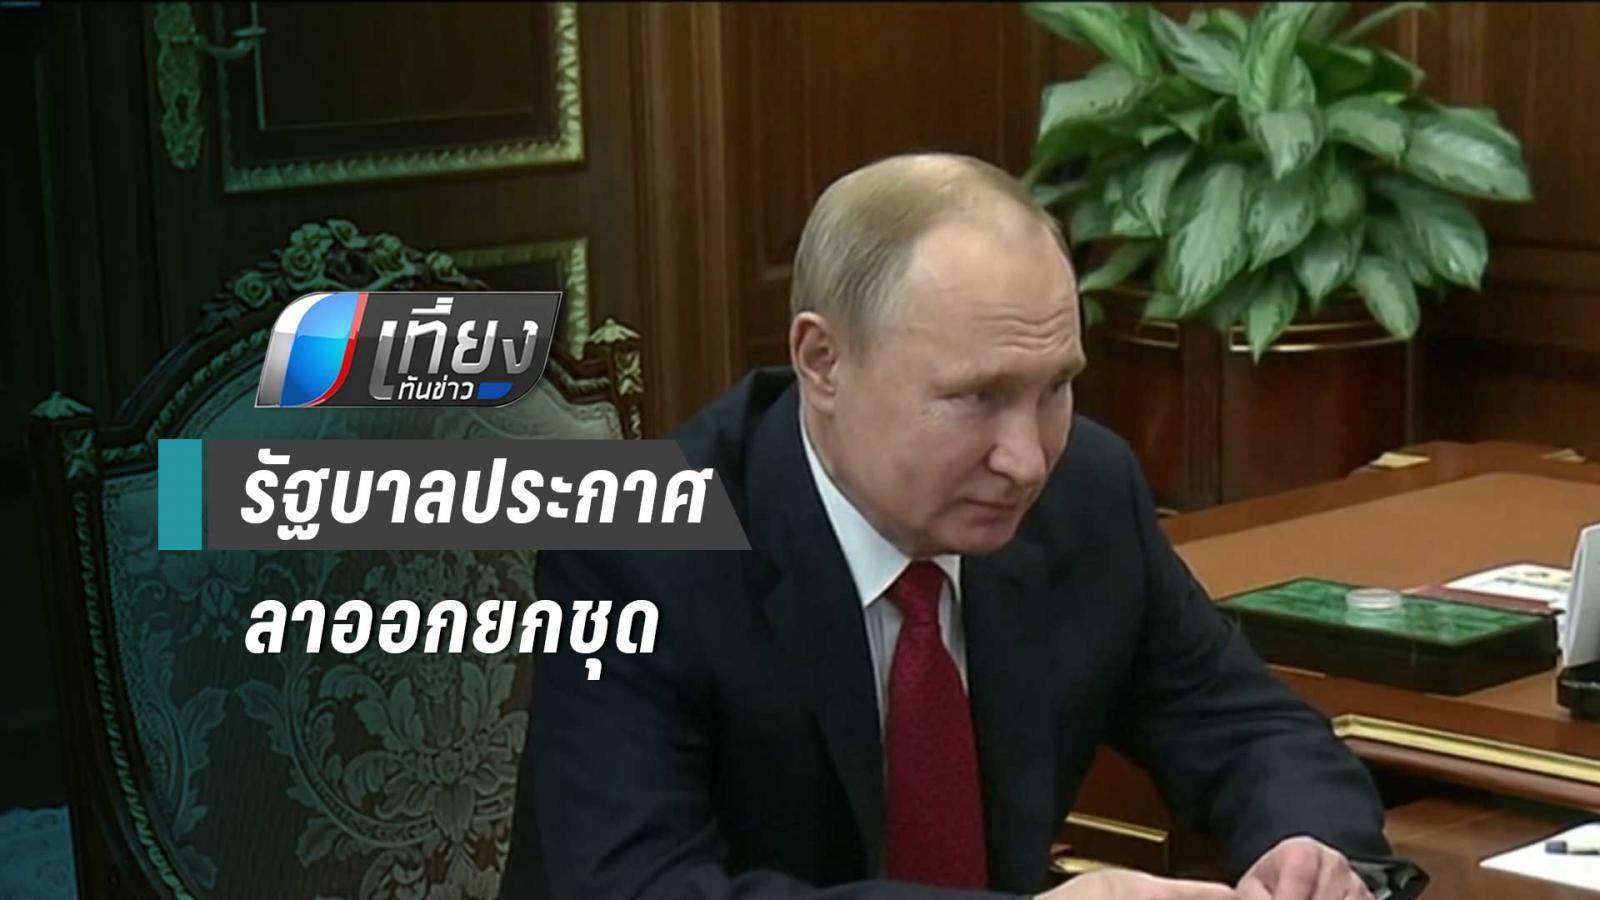 """คณะรบ.รัสเซีย ประกาศลาออกยกชุด เปิดทาง """"ปูติน"""" แก้รัฐธรรมนูญ"""